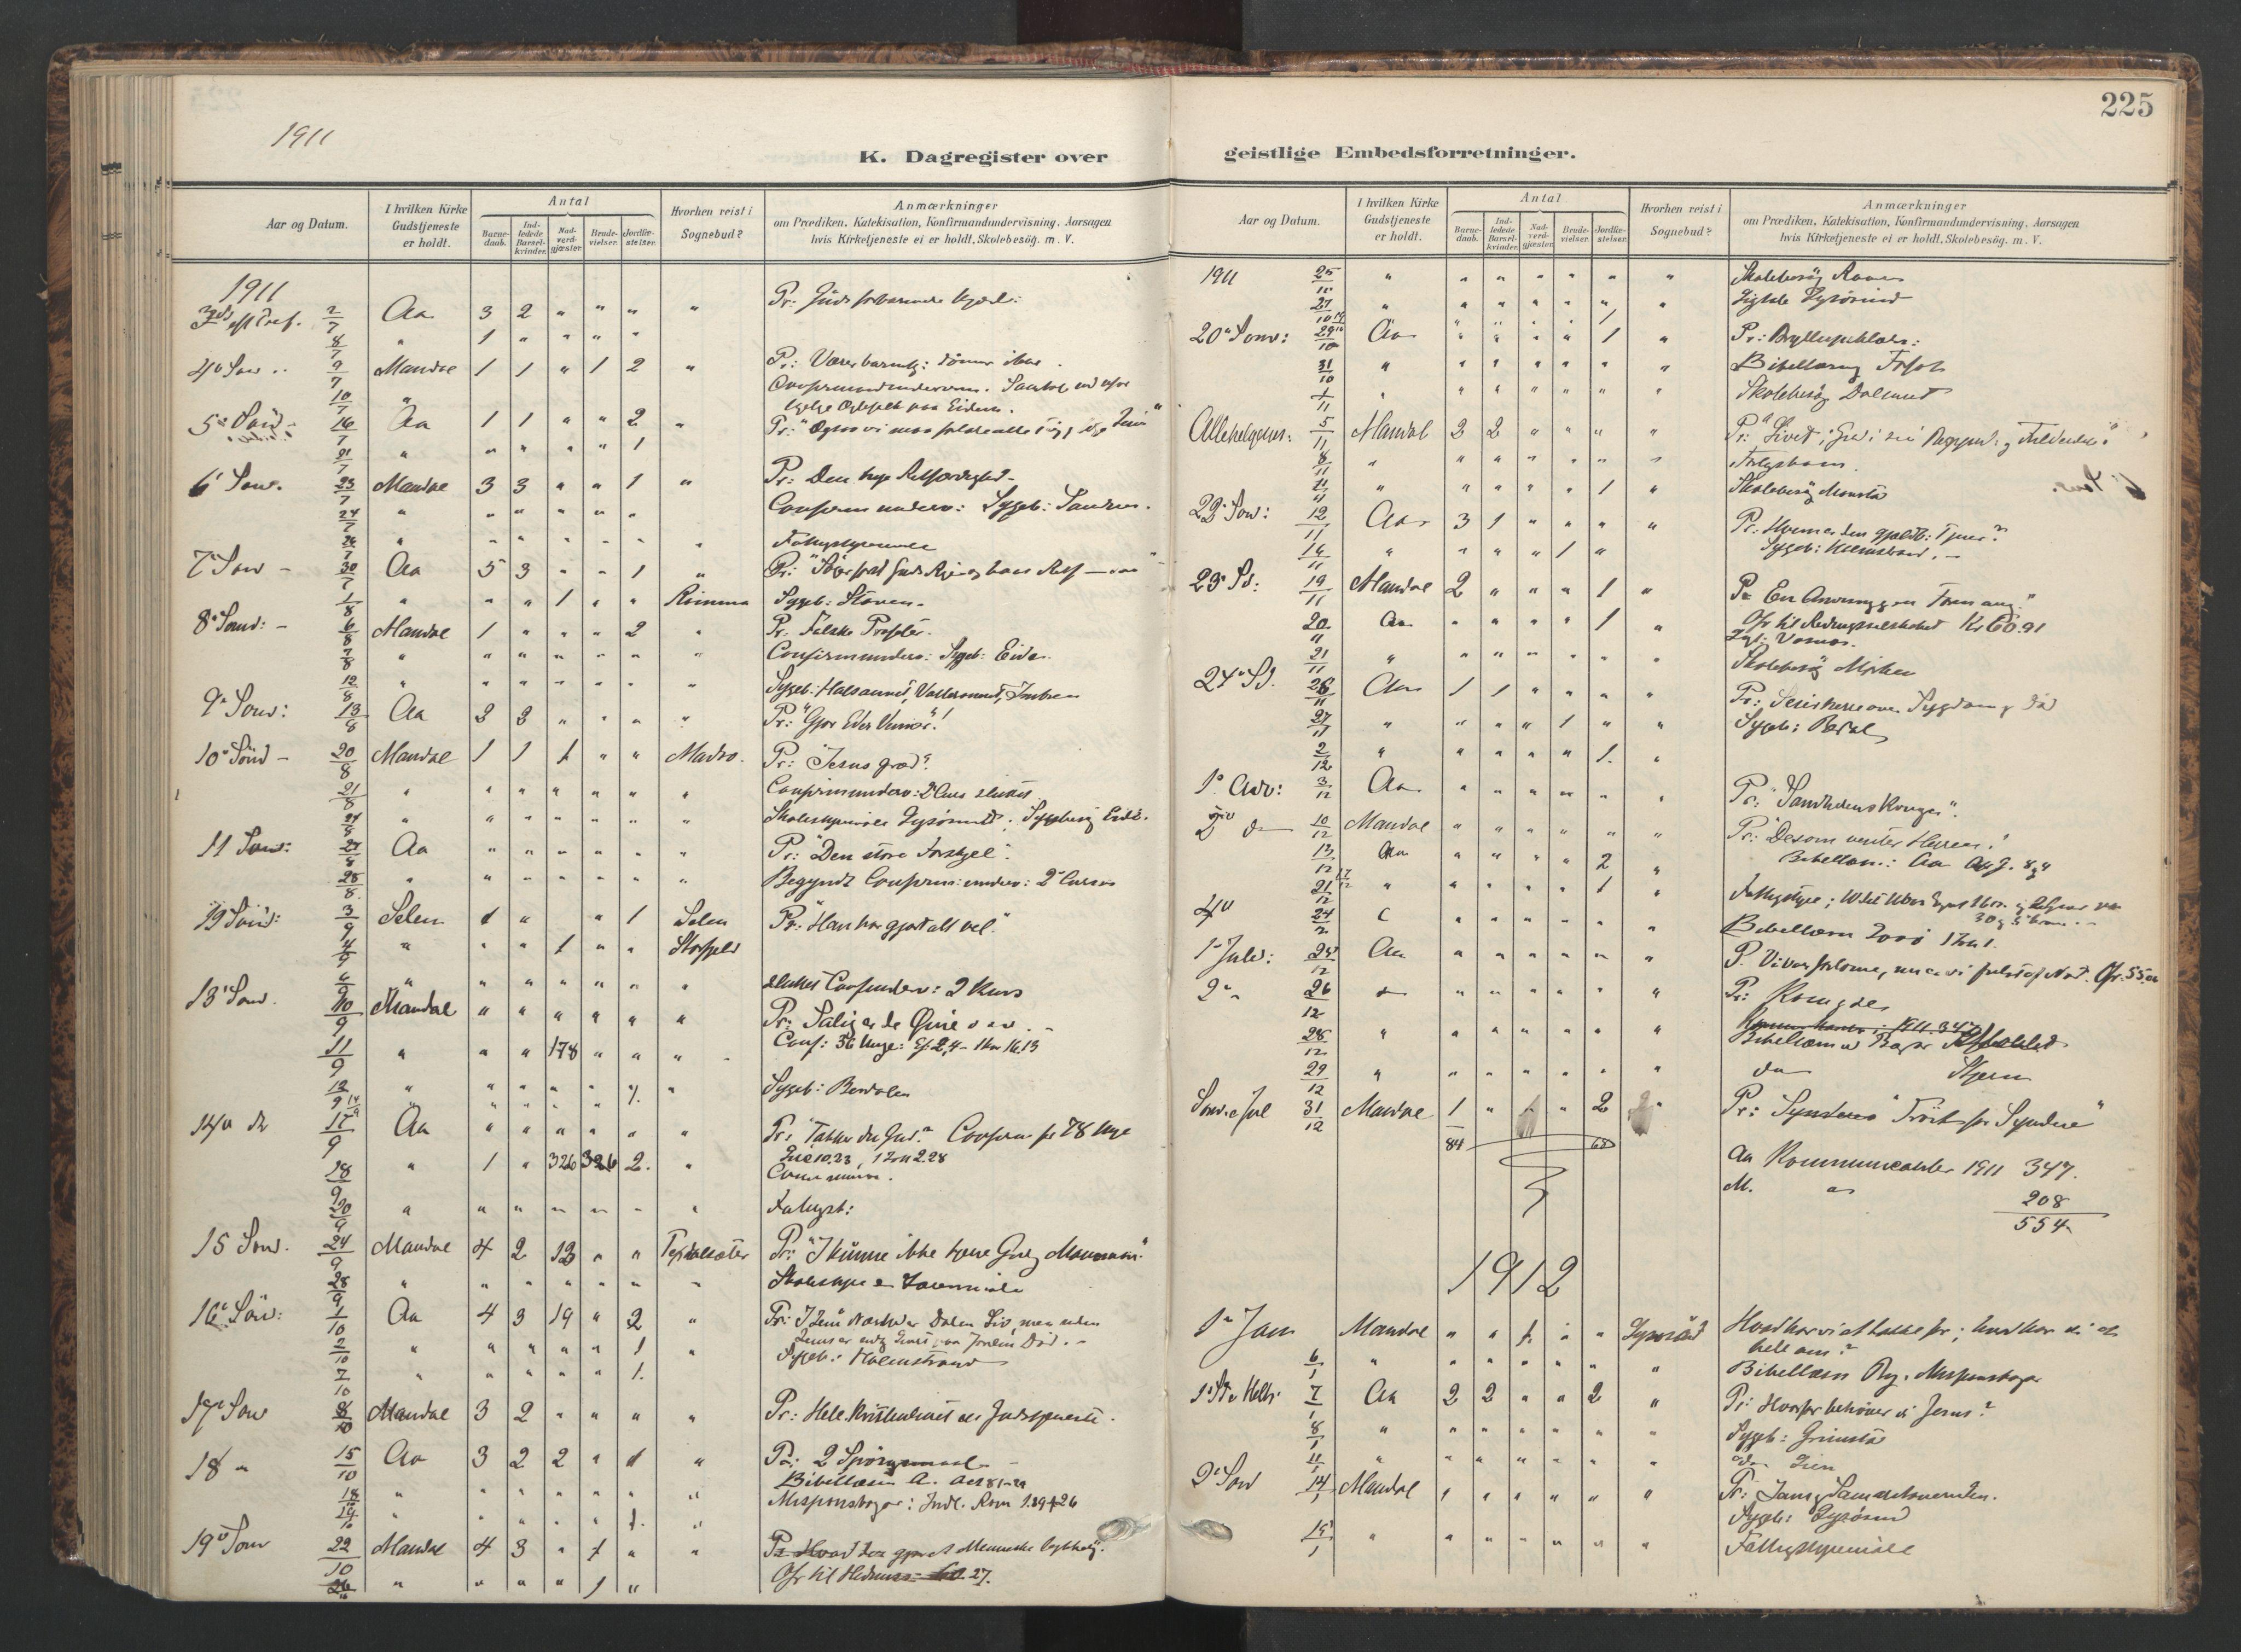 SAT, Ministerialprotokoller, klokkerbøker og fødselsregistre - Sør-Trøndelag, 655/L0682: Ministerialbok nr. 655A11, 1908-1922, s. 225